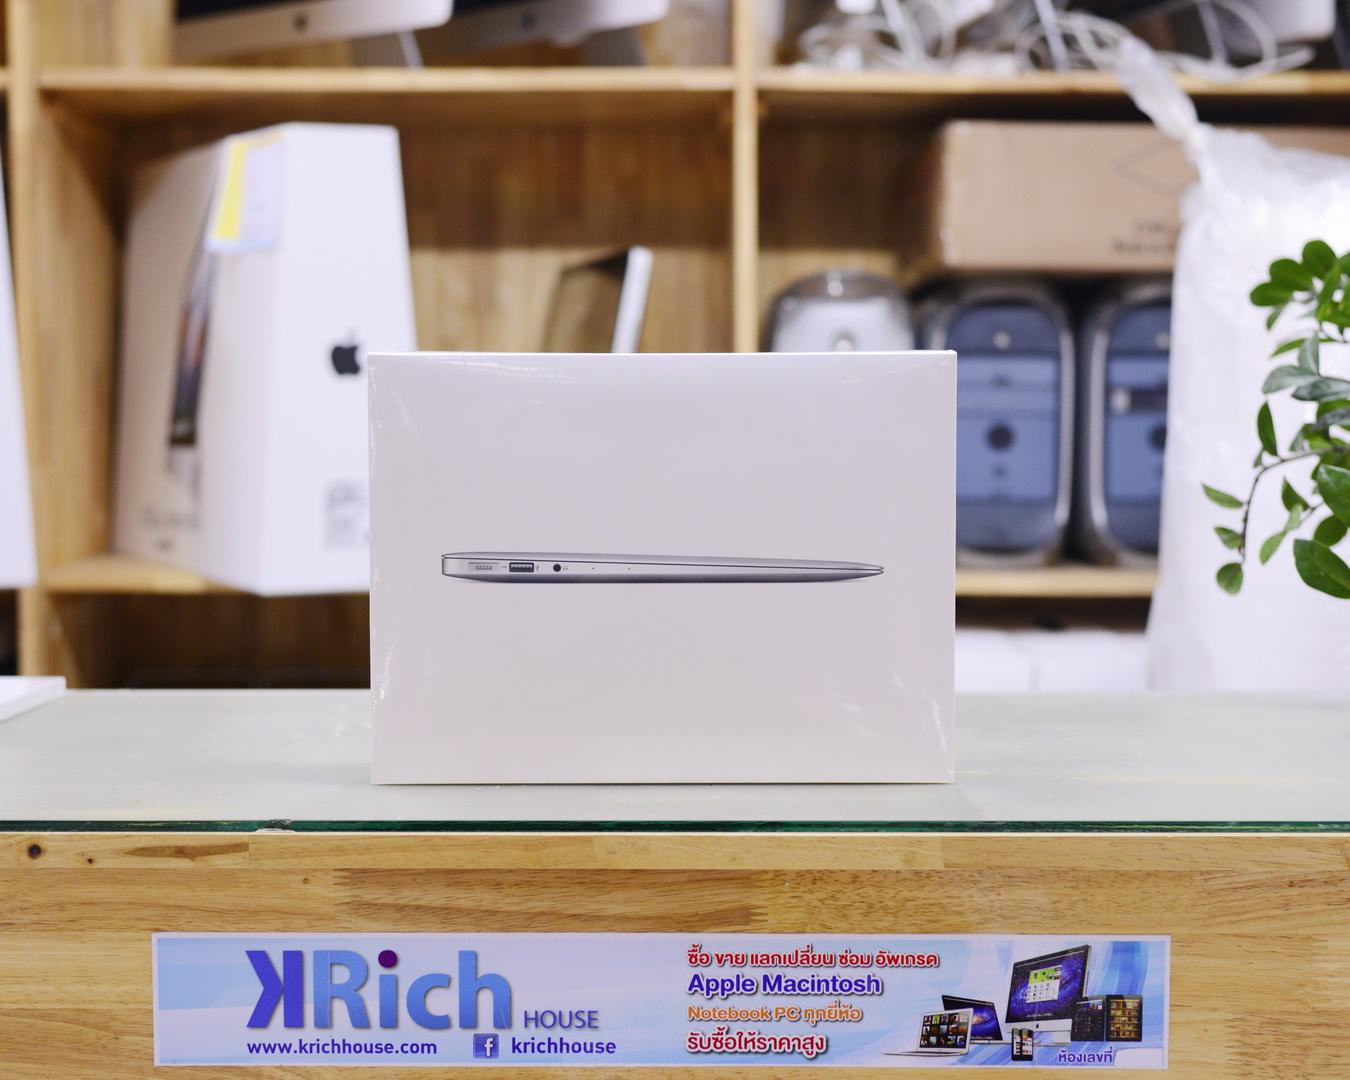 NEW - MacBook Air (13-inch, Early 2015) - Core i5 1.6GHz RAM 8GB SSD 256GB - Apple Warranty 1y.